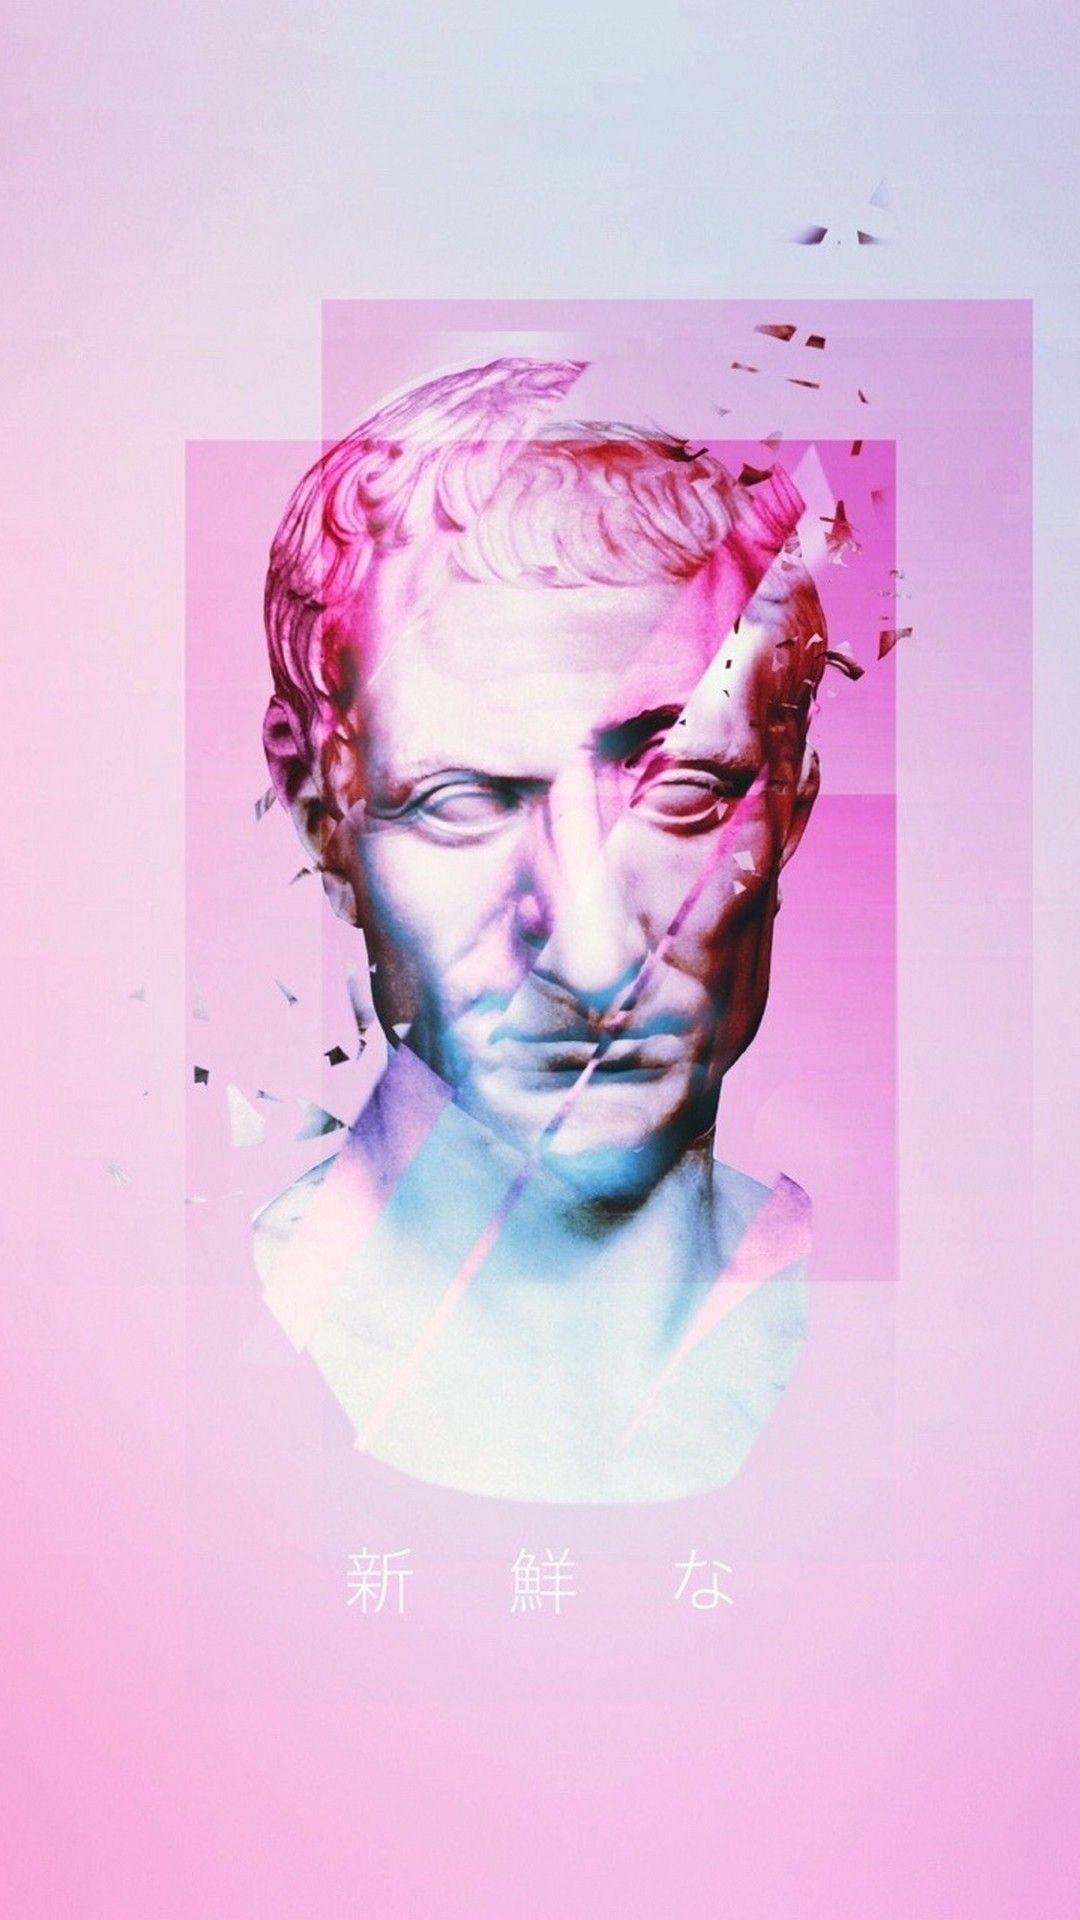 Vaporwave iPhone 6 wallpaper